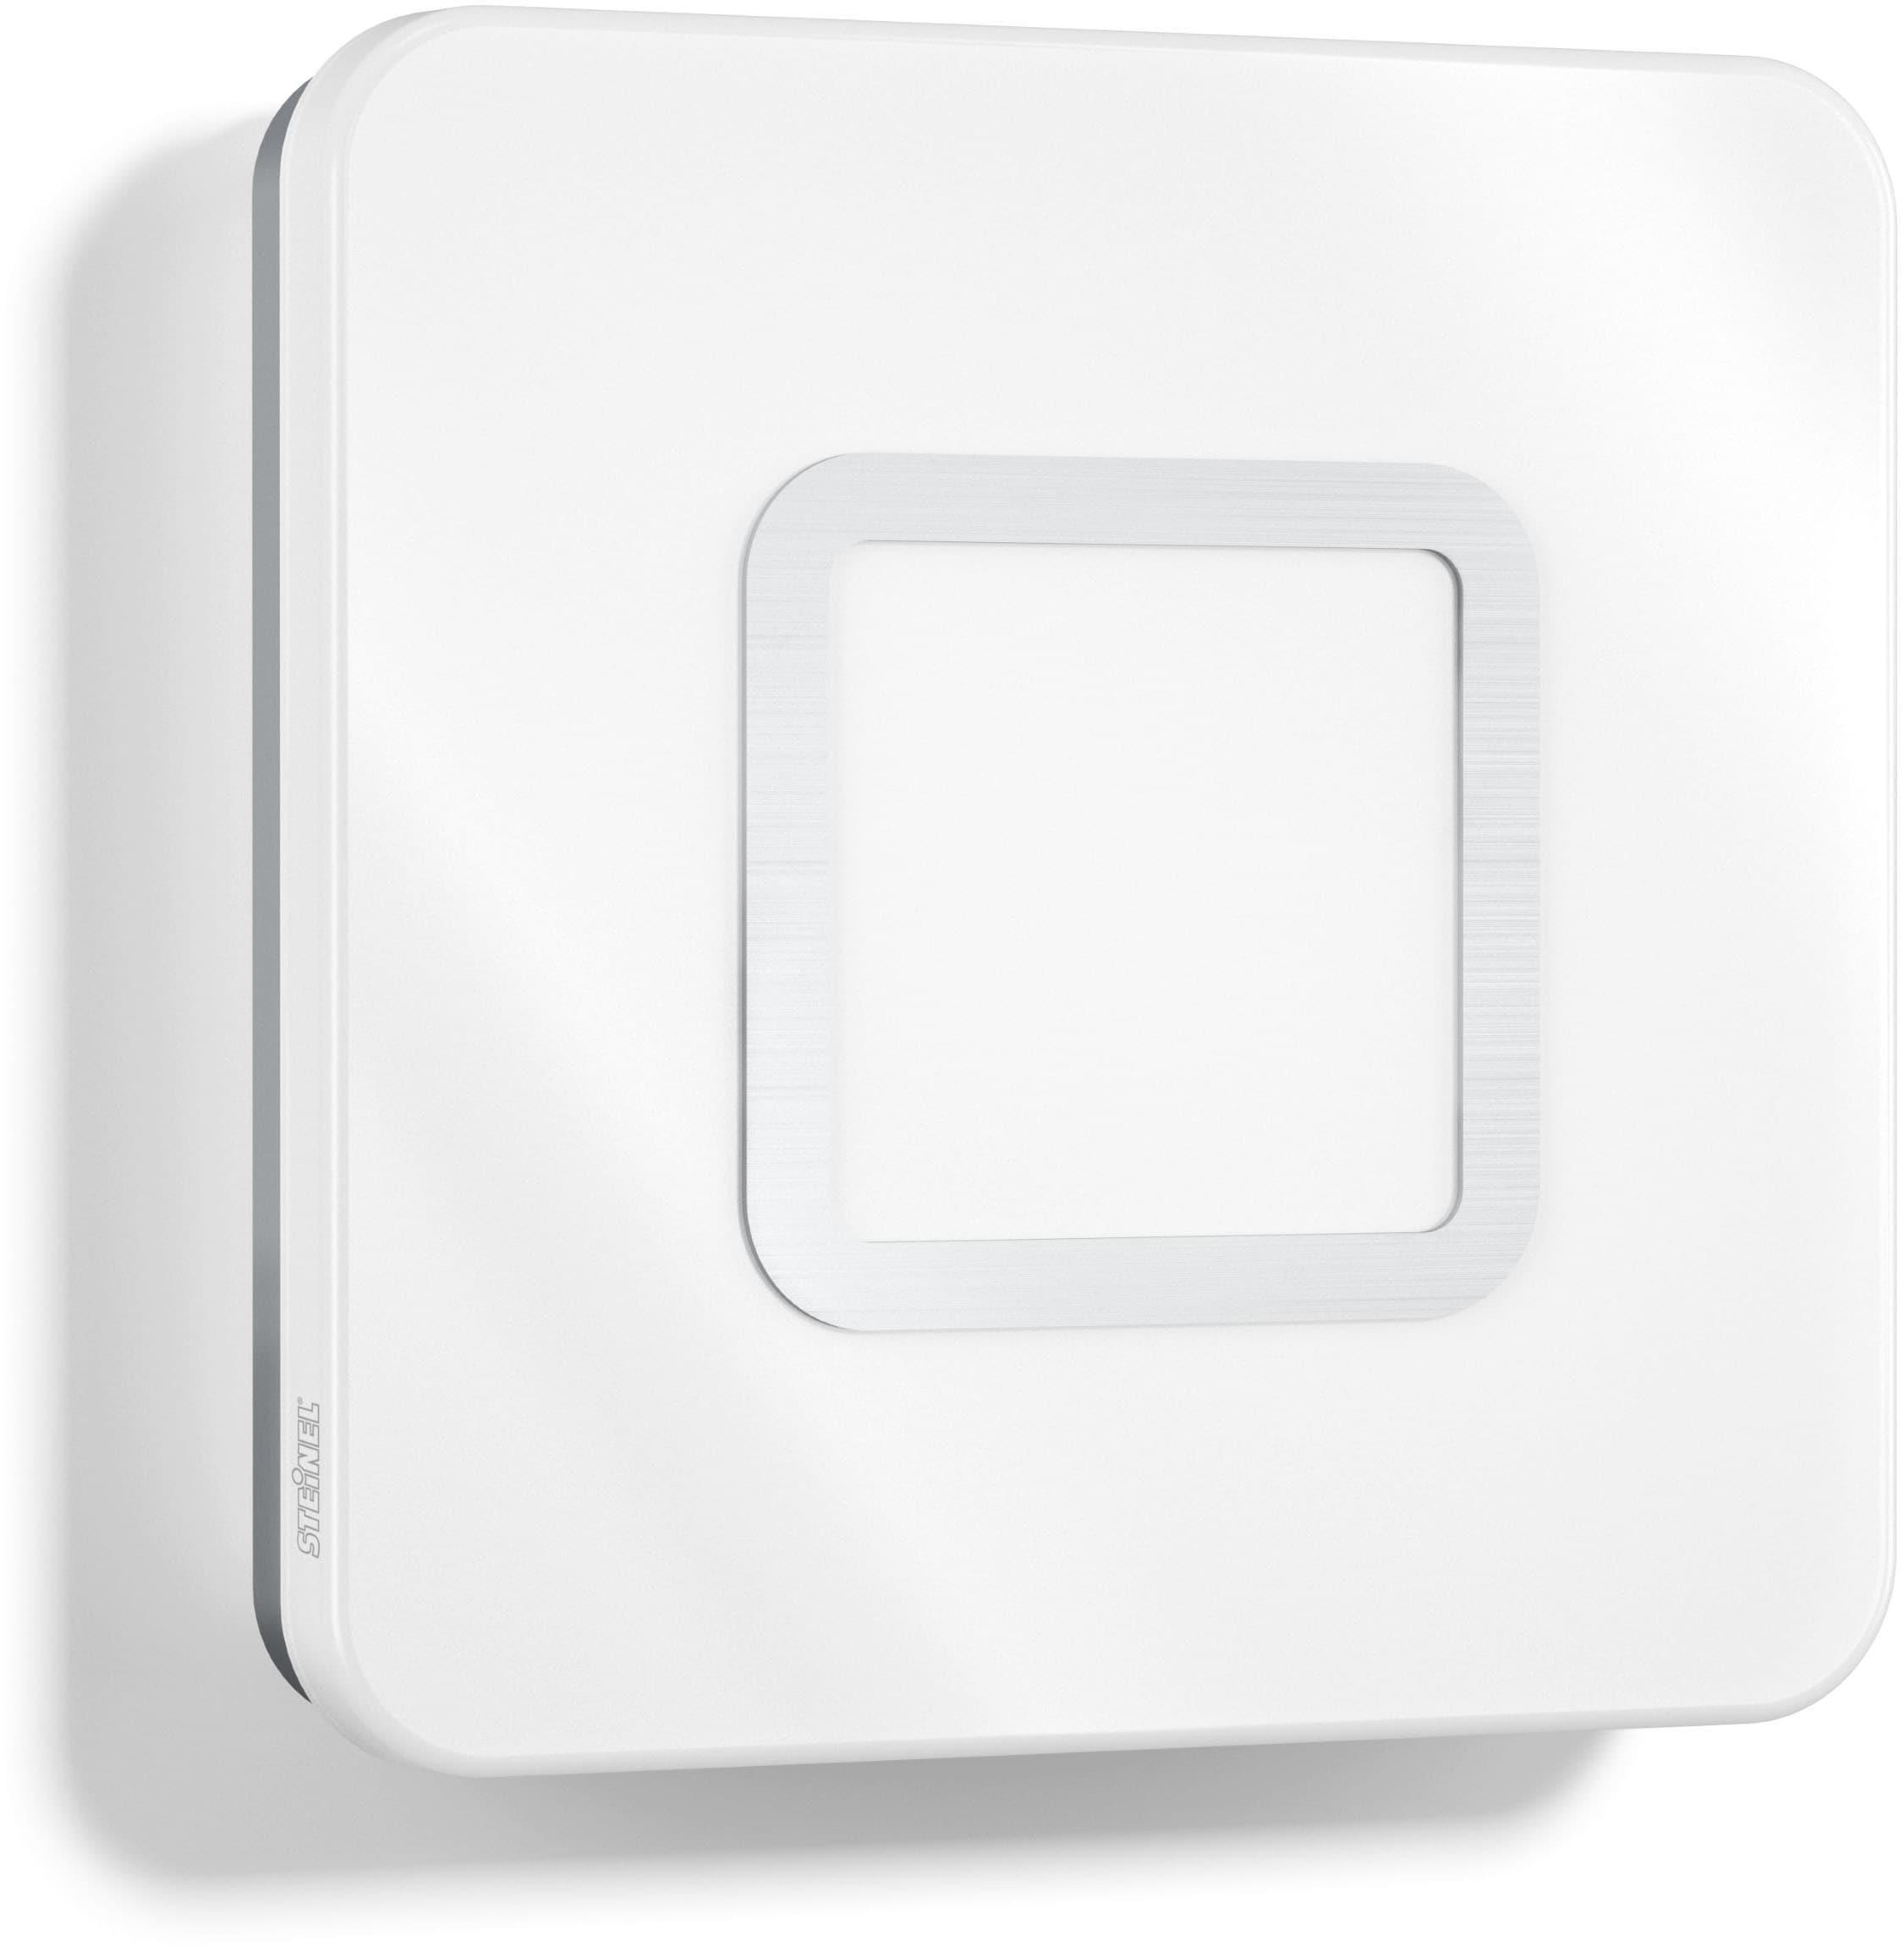 steinel LED Wandleuchte RS LED M1, LED-Board, Warmweiß, 360° Bewegungsmelder, Zeit- und Dämmerungsschwelle einstellbar